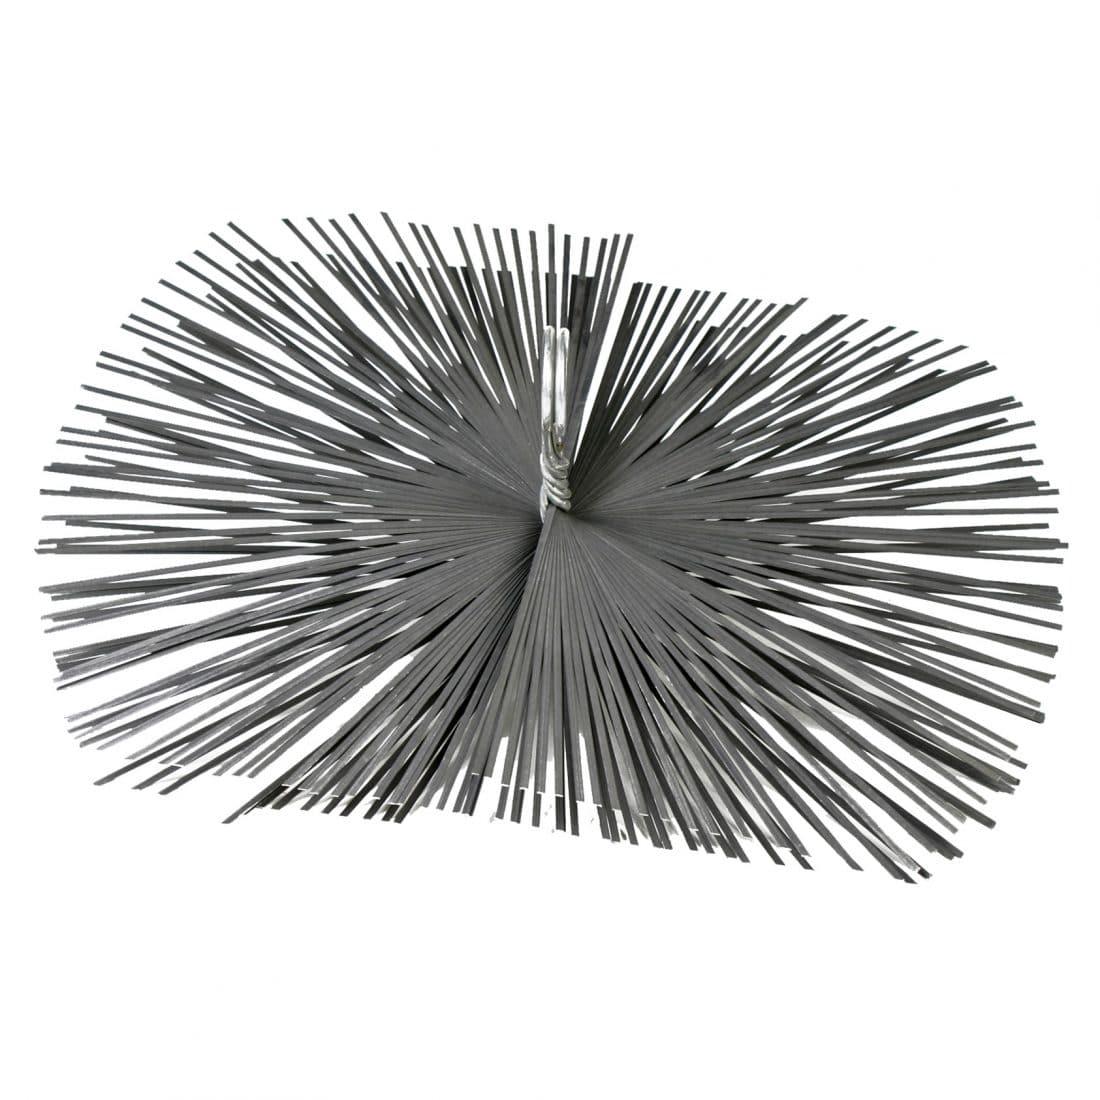 Staalborstel rechthoekig 25 x 40 cm